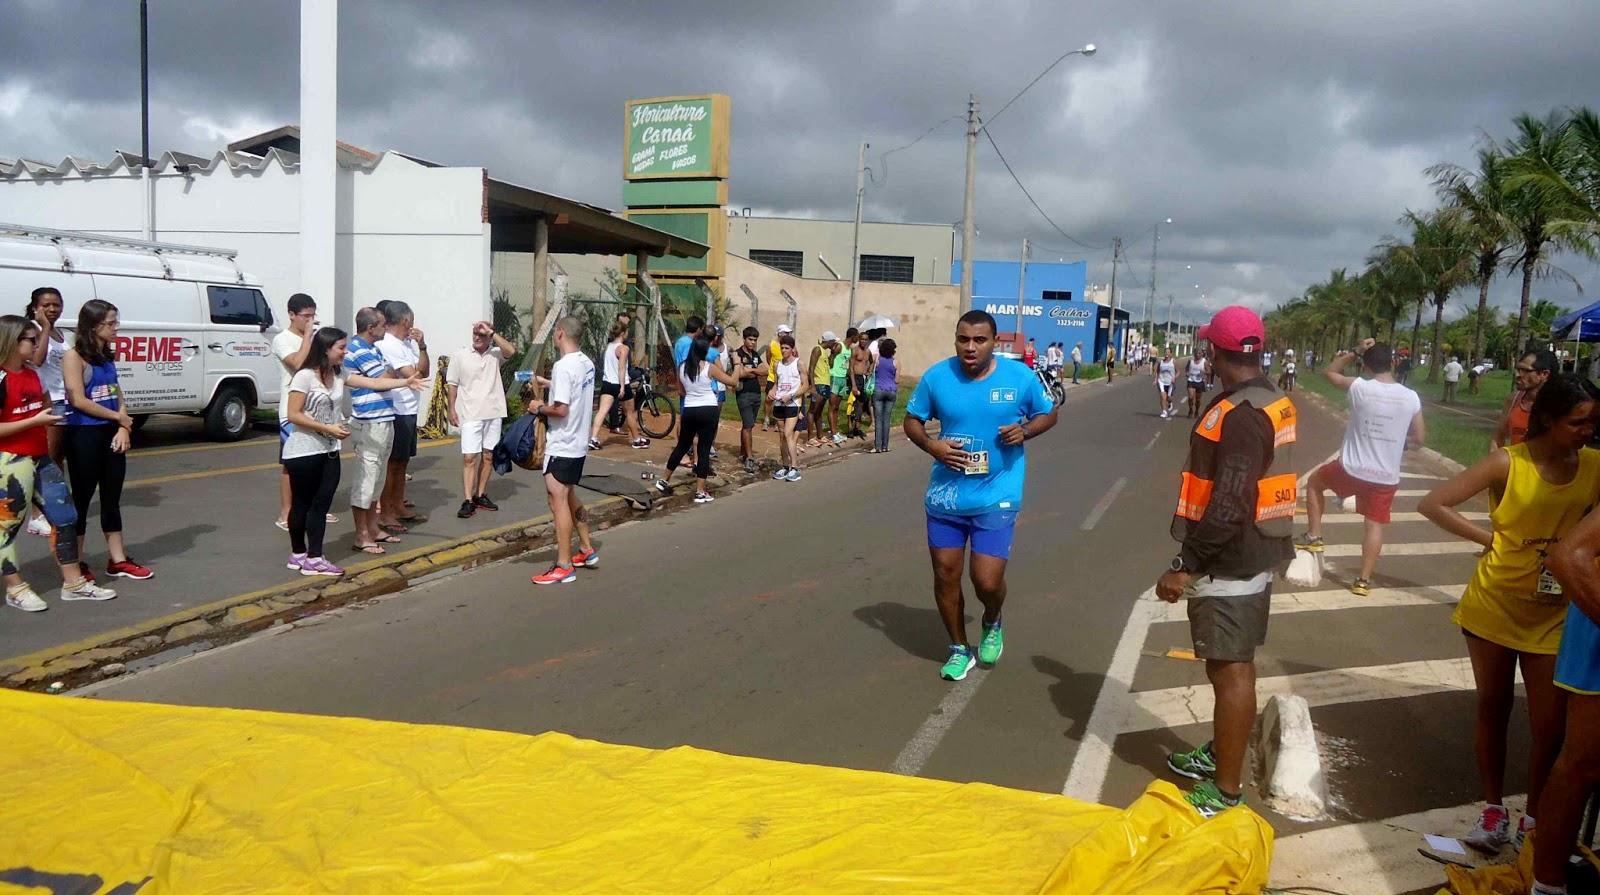 Foto 166 da 1ª Corrida Av. dos Coqueiros em Barretos-SP 14/04/2013 – Atletas cruzando a linha de chegada